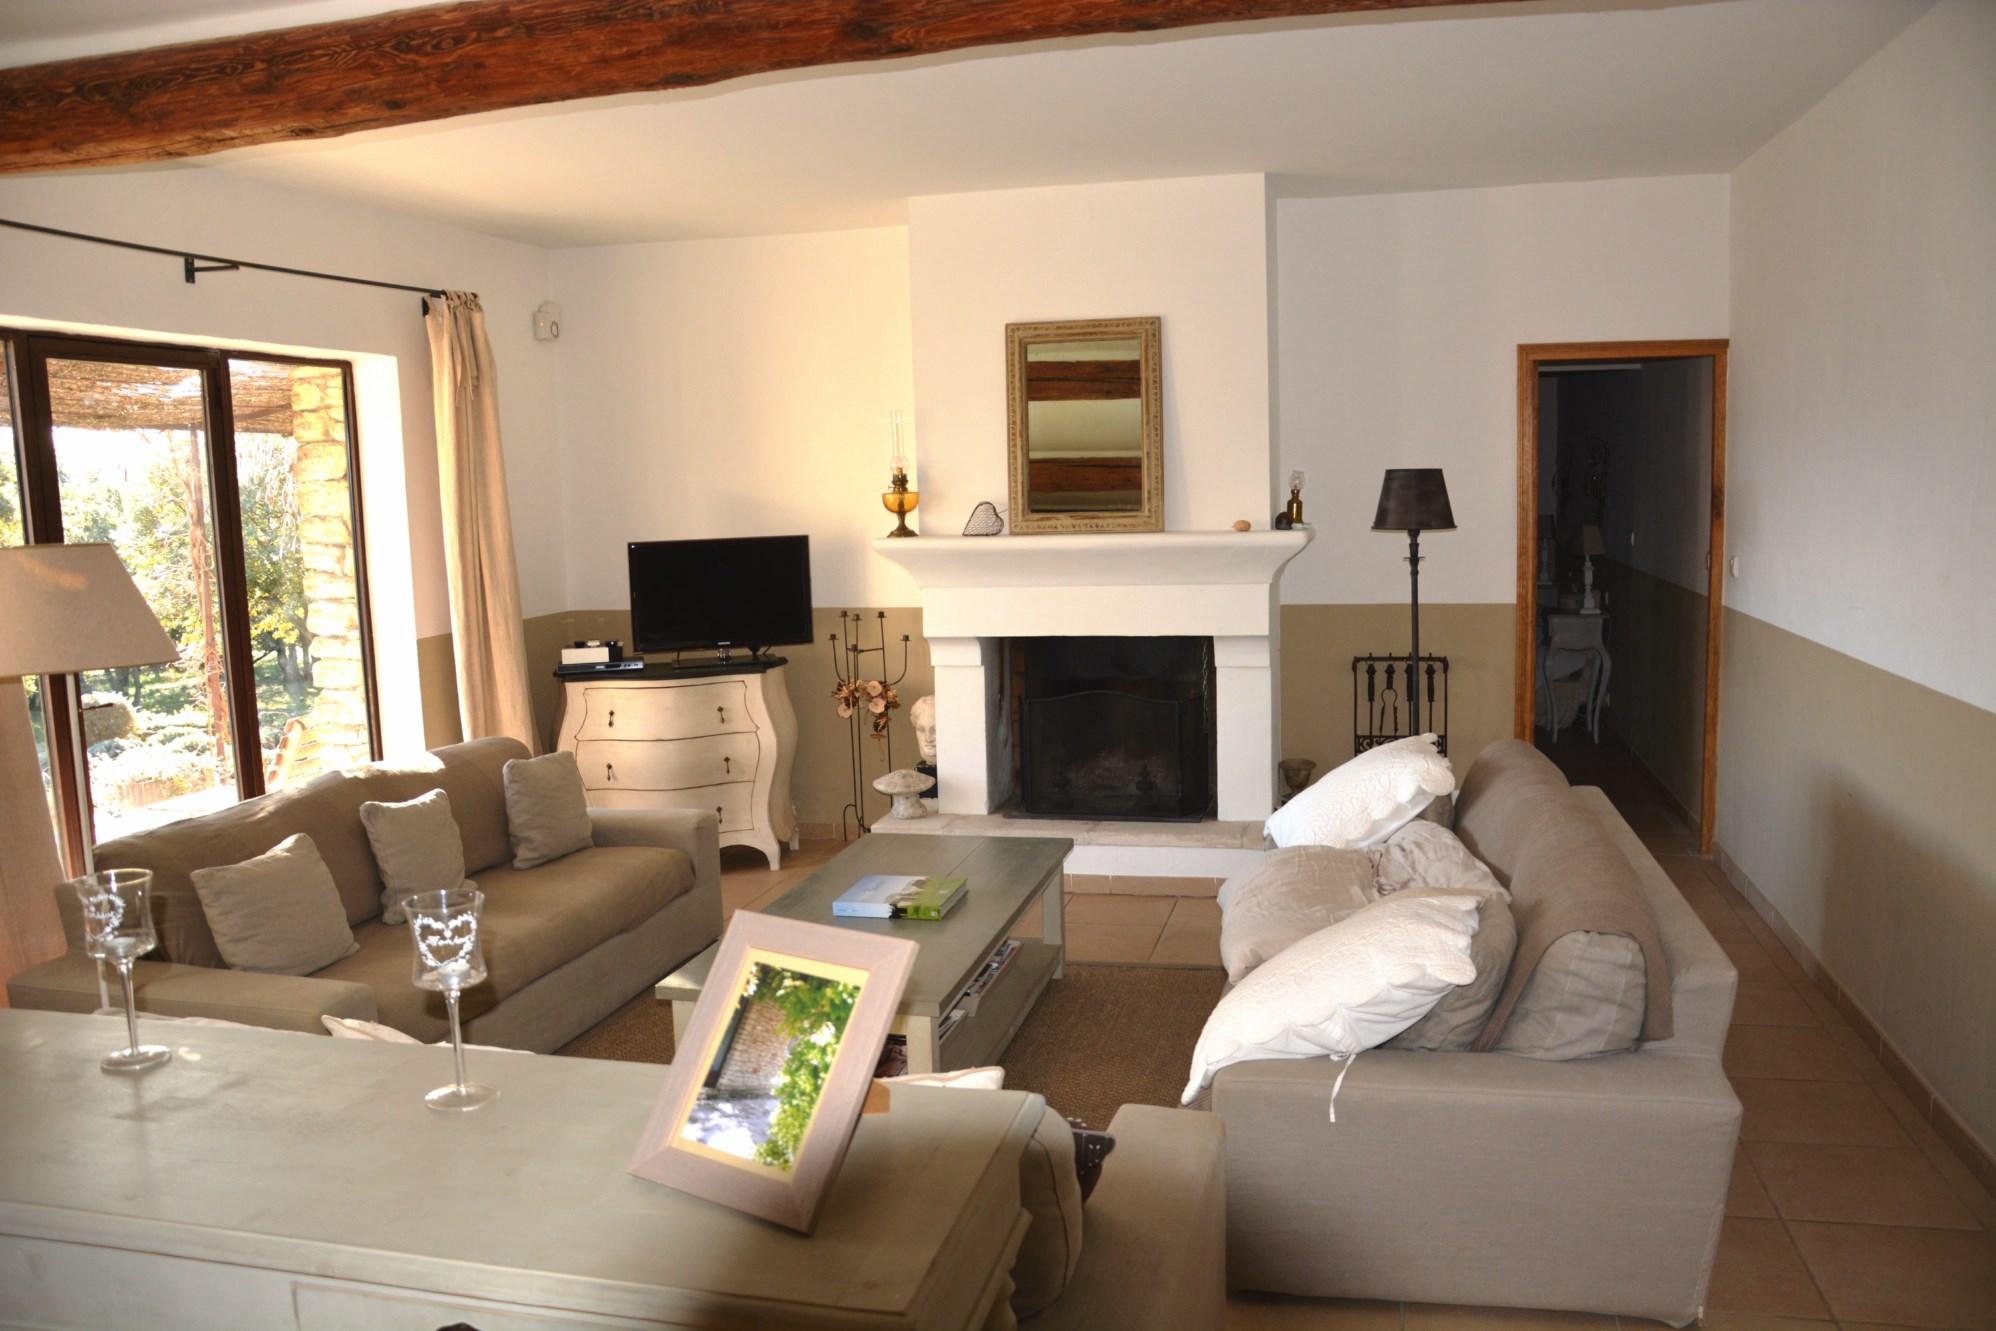 En vente en Luberon, villa récente avec vue panoramique et piscine